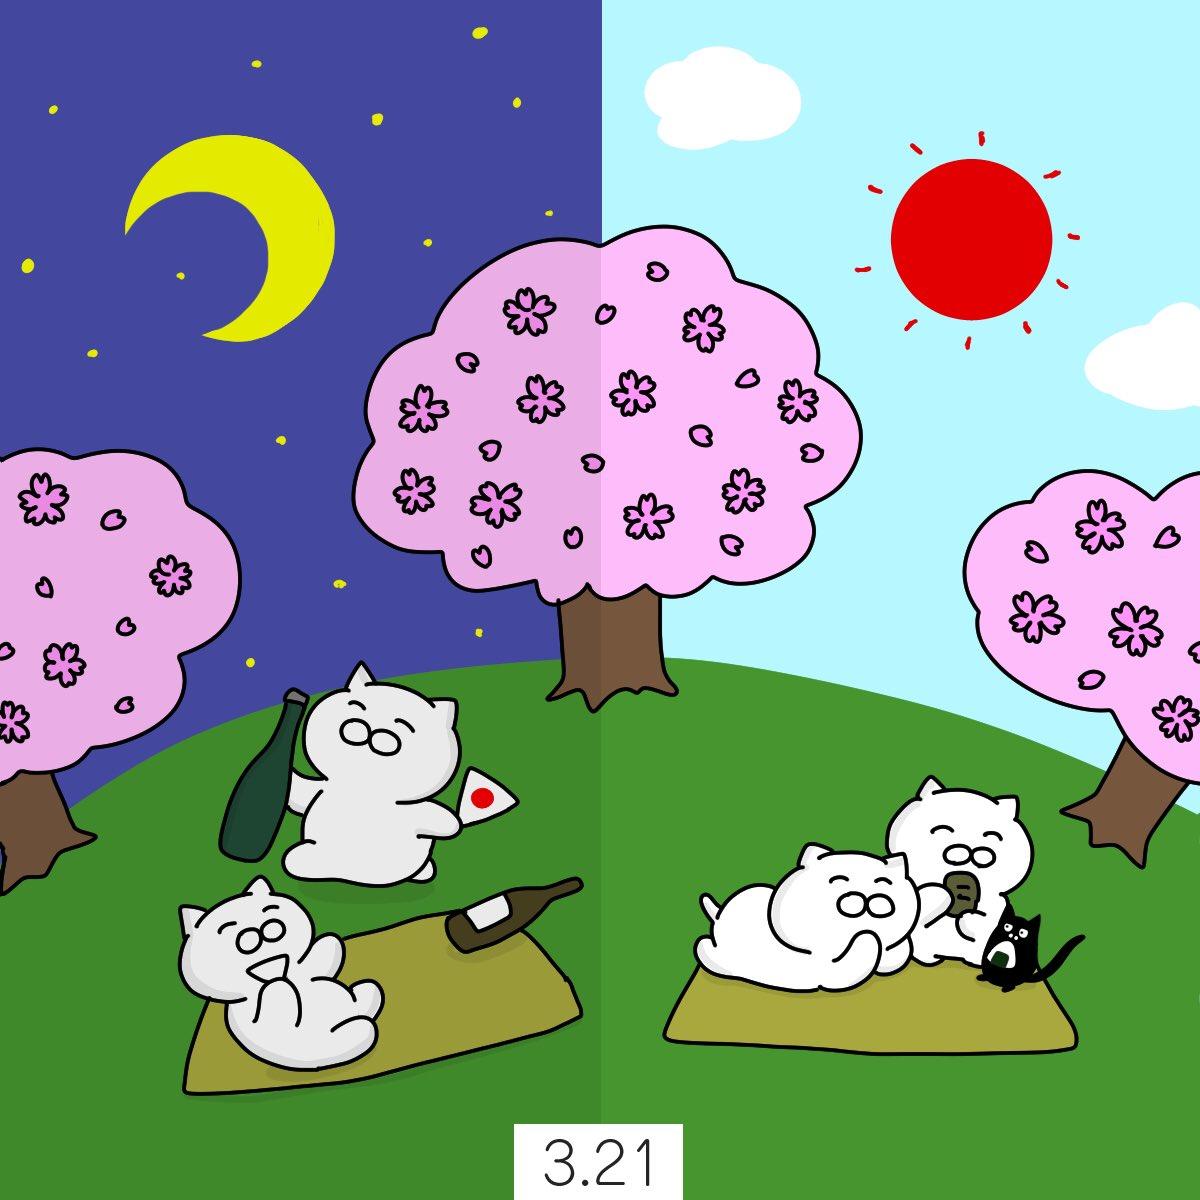 """大和猫 on Twitter: """"3月21日【春分の日】 国民の祝日の一つ。天文観測 ..."""